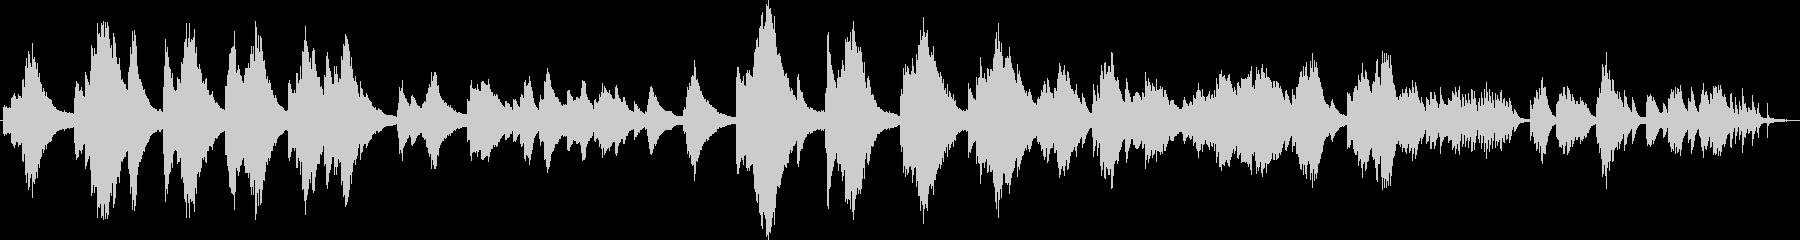 空虚で深刻な雰囲気のピアノソロの未再生の波形